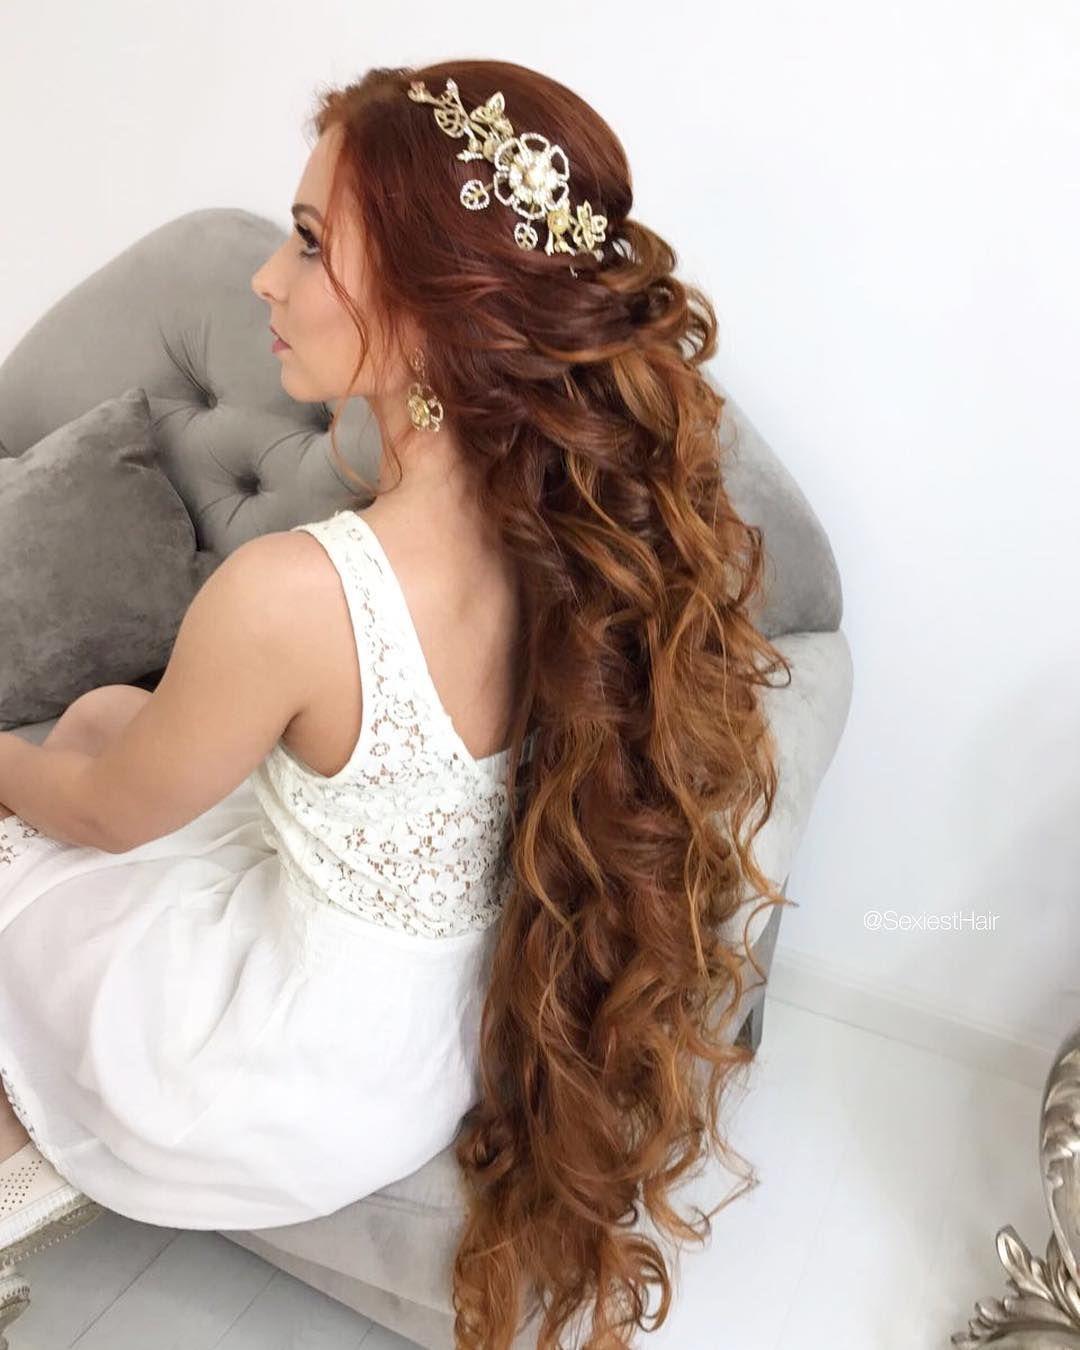 Instagram Long hair styles, Hair styles, Beautiful long hair